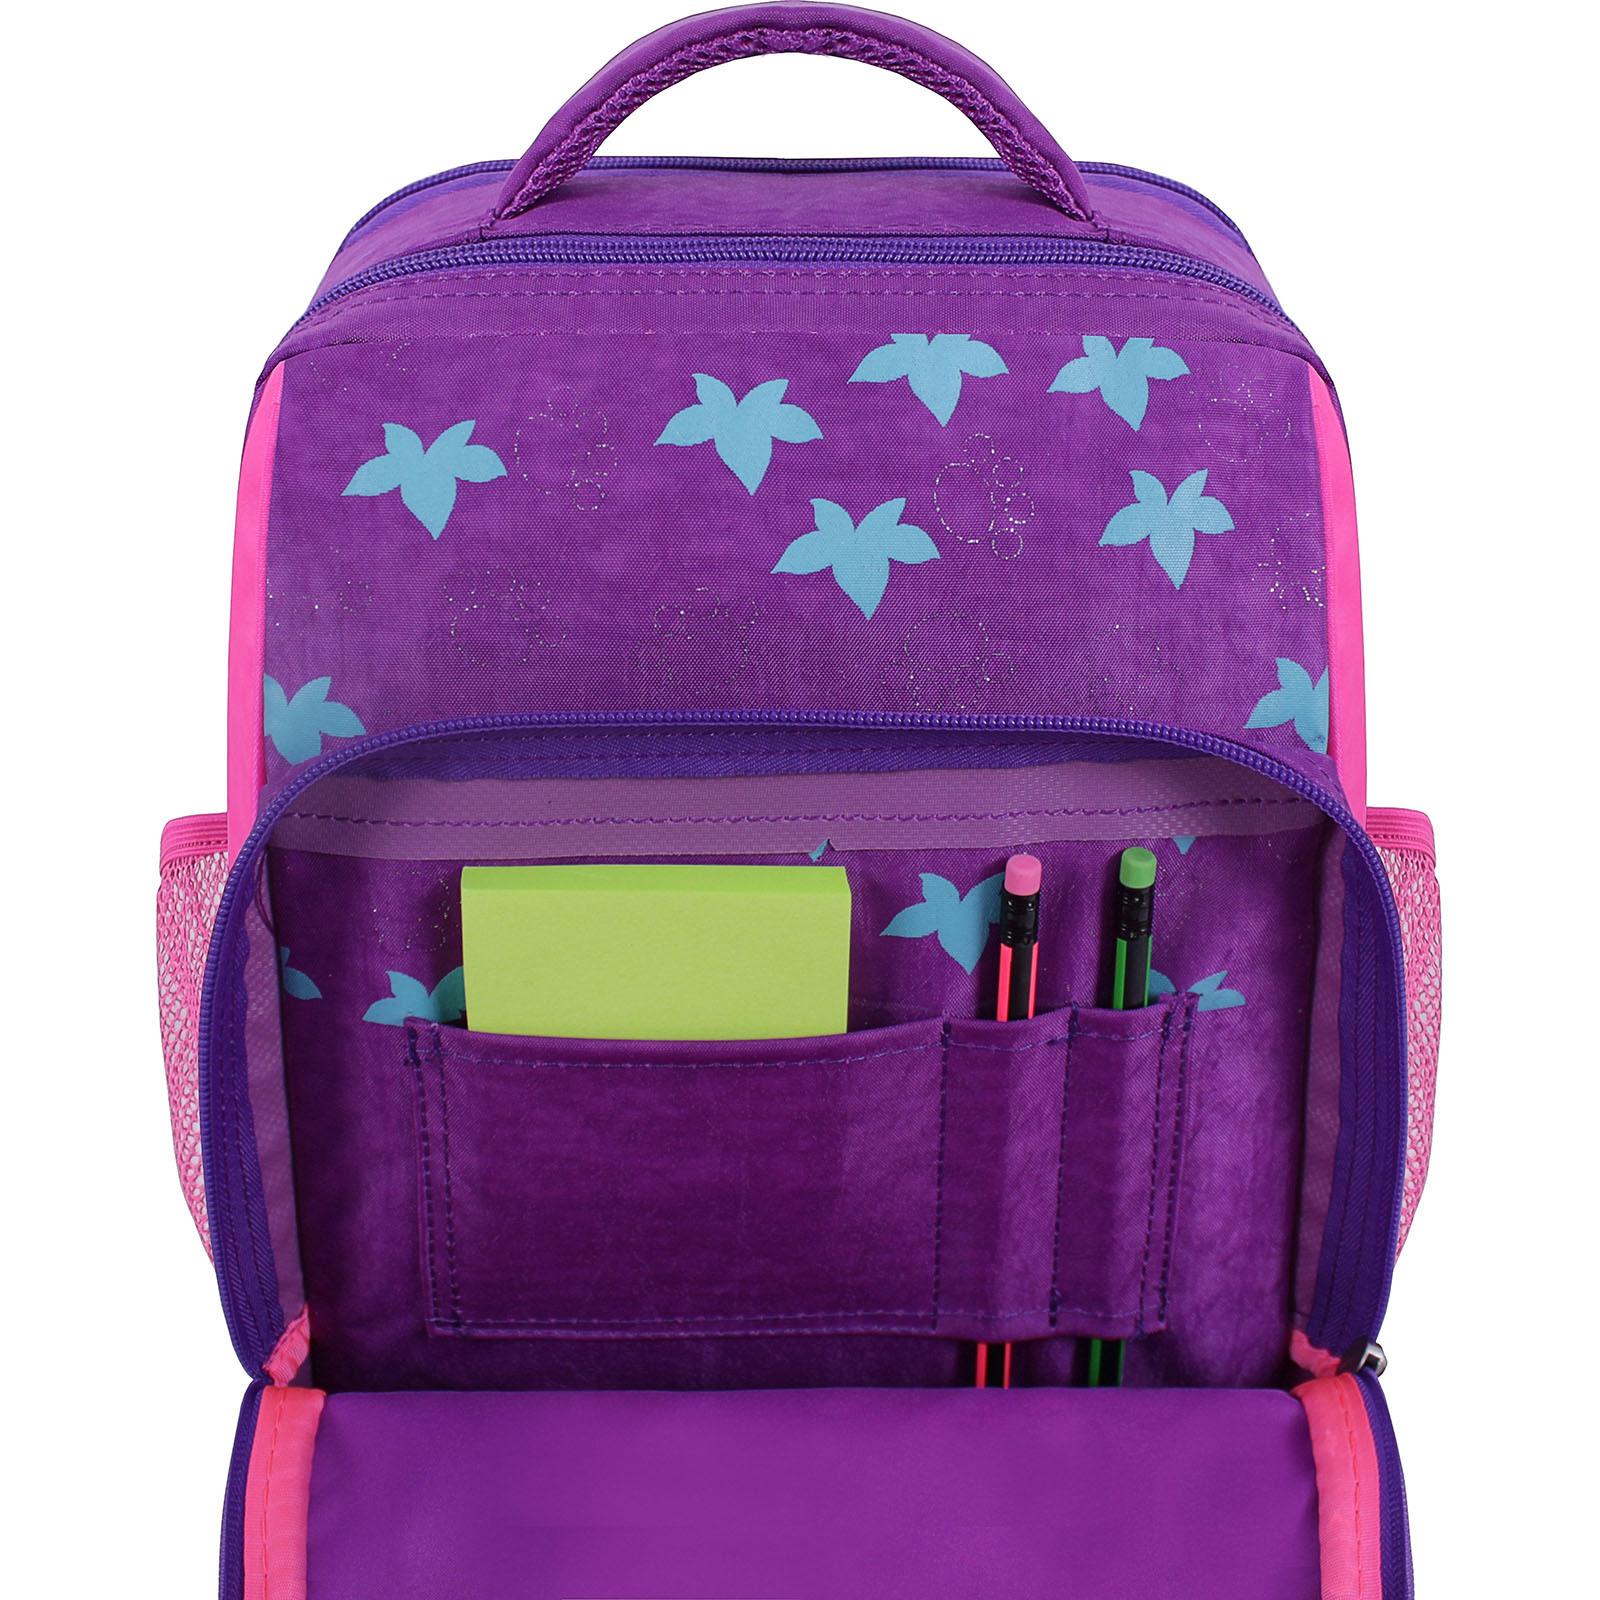 Рюкзак школьный Bagland Школьник 8 л. Фиолетовый 502 (00112702) фото 4